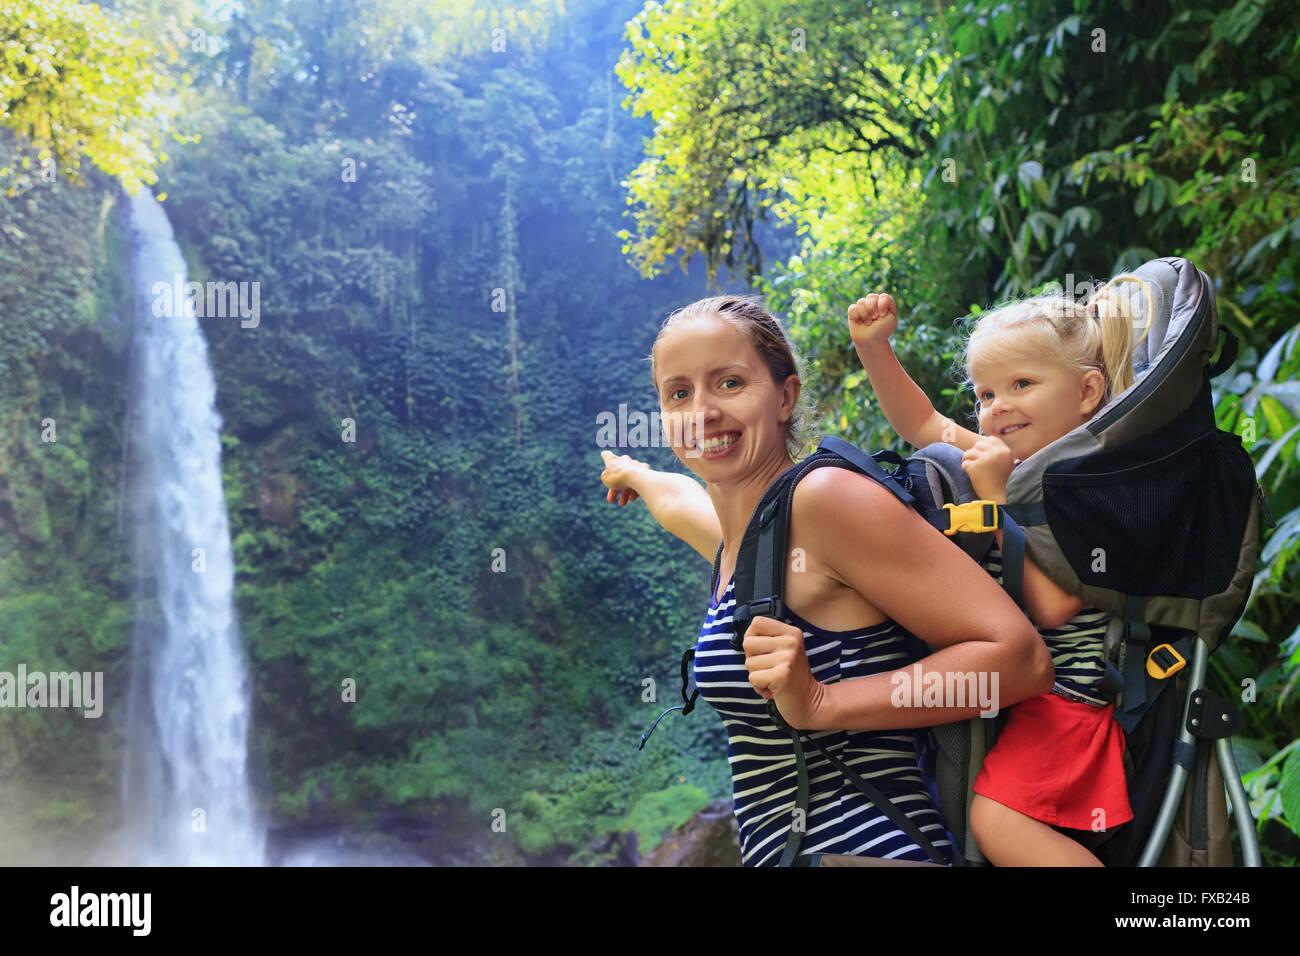 Mère fille bébé sur le dos dans l'exercice de marche sac à dos en cascade canyon. Photo Stock